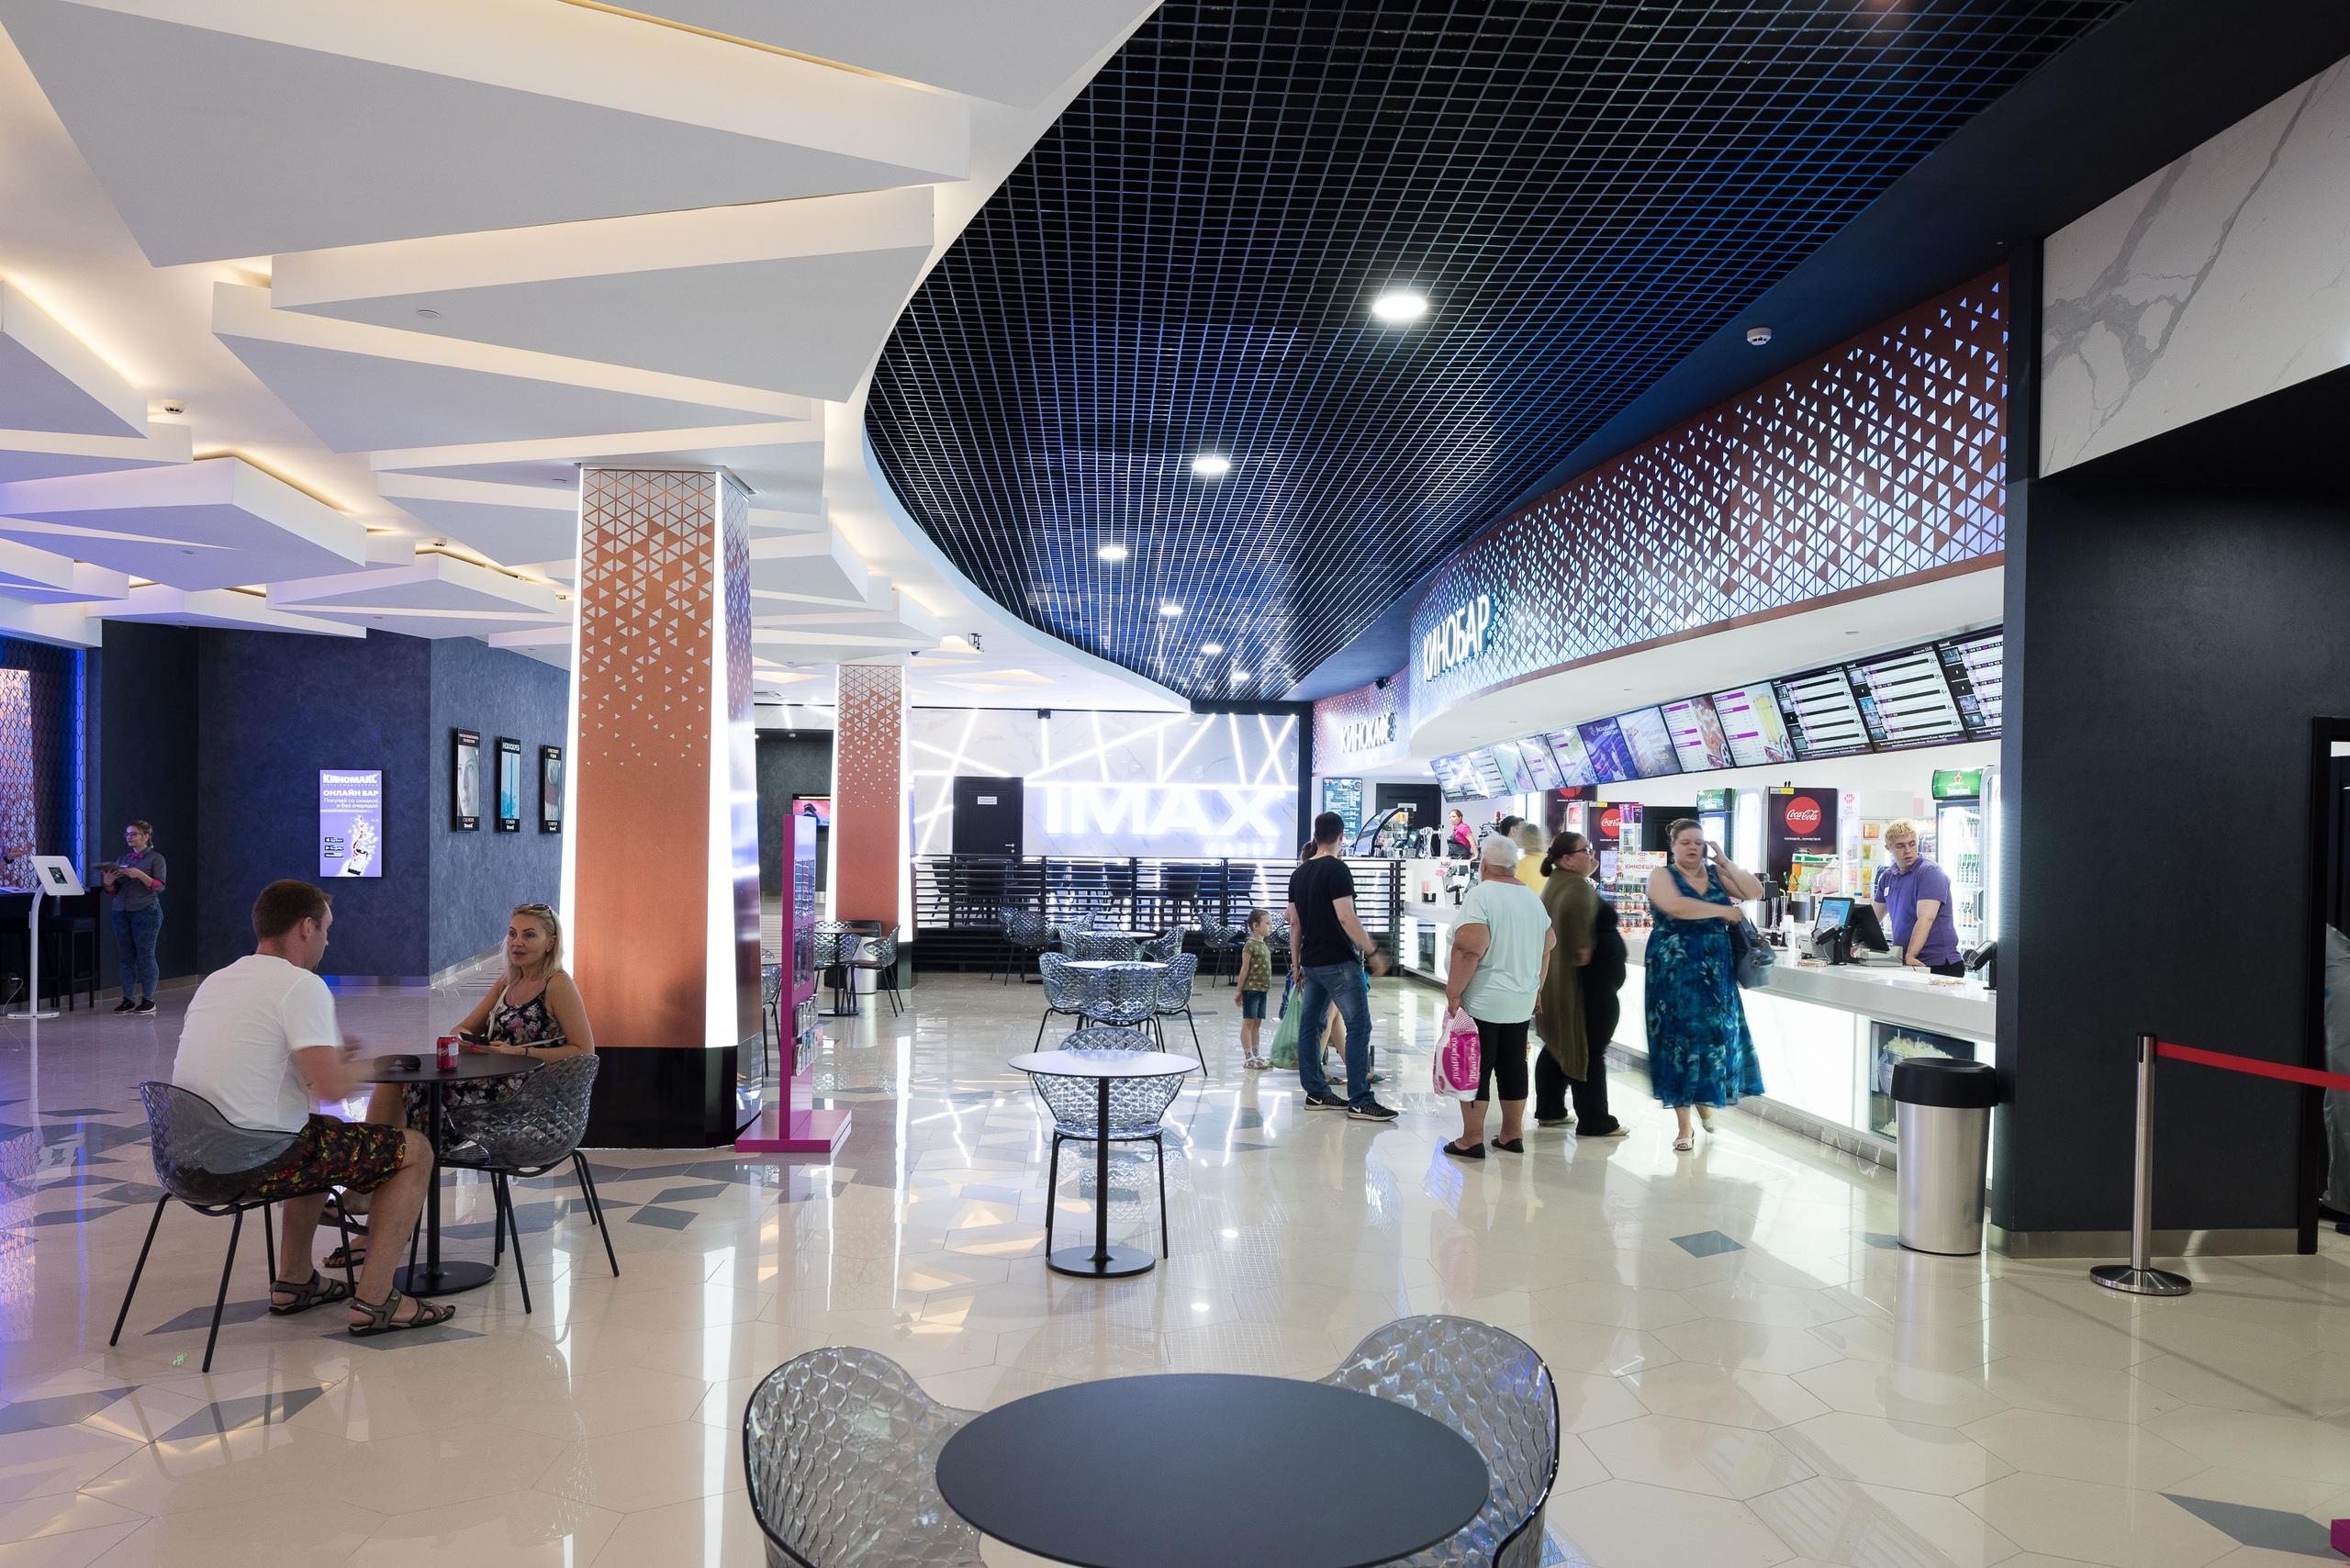 Аренда помещения или торговой площади в Киномакс